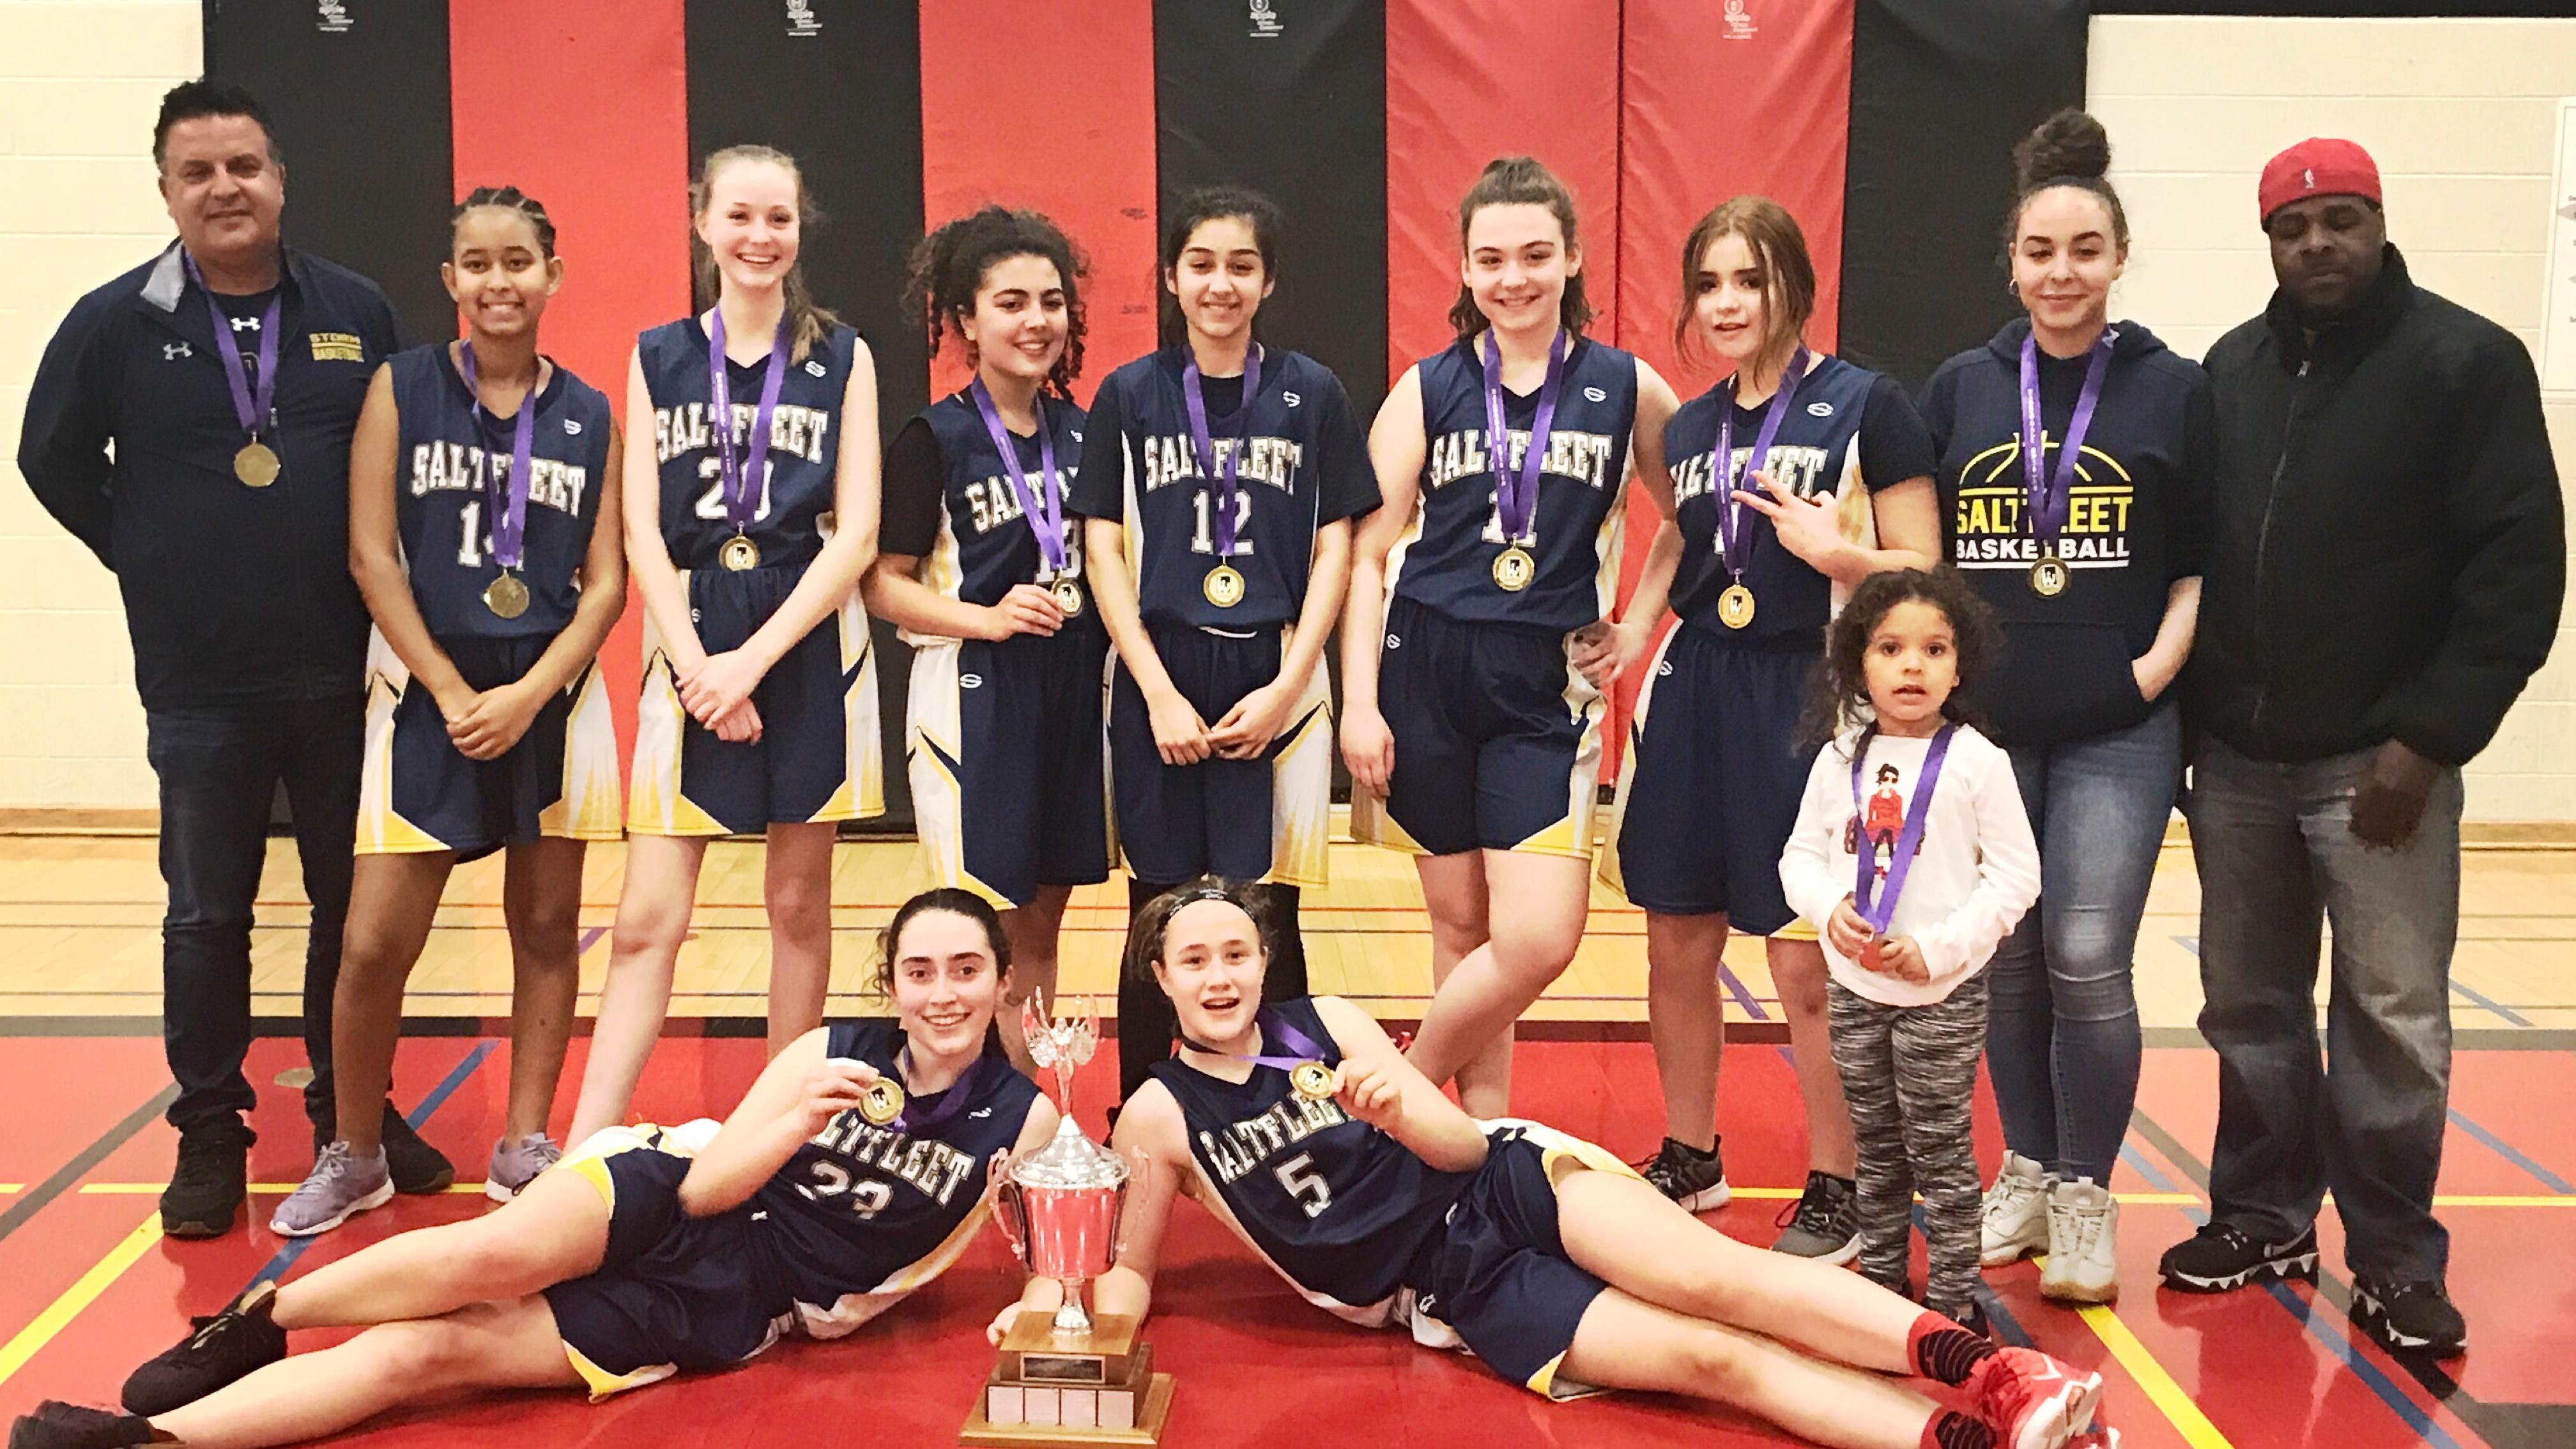 2018-19 Grade 9 Girls Basketball Champions: Saltfleet Storm